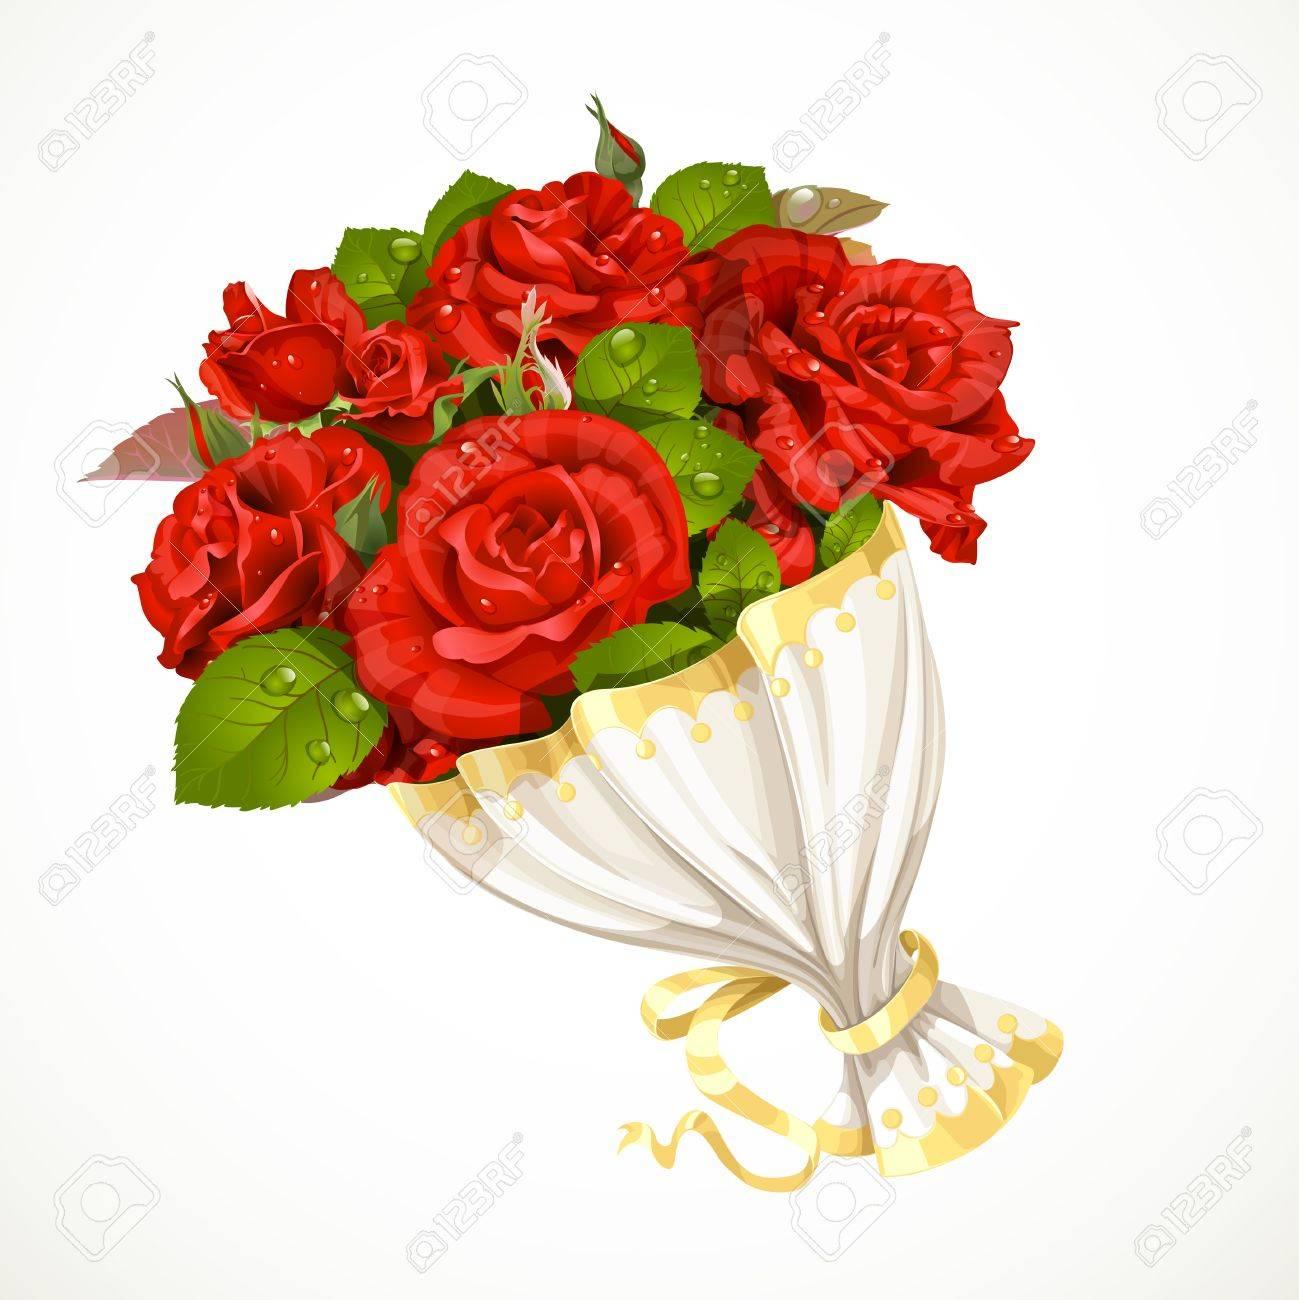 Bouquet De Roses Rouges Saint Valentin Cadeau Du Jour Isolé Sur Fond Blanc